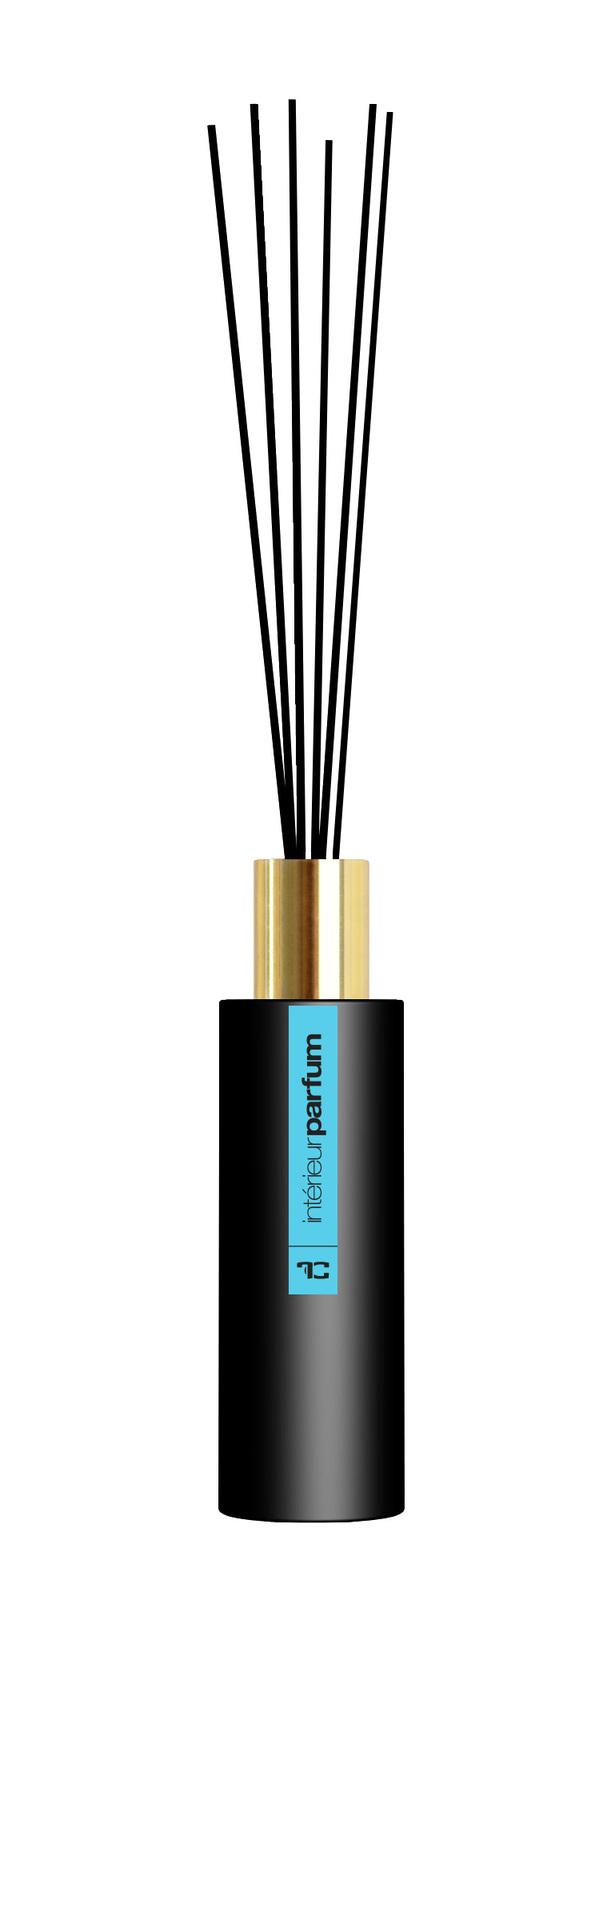 FC8398-Interiérový parfum LAGOON 80 ml